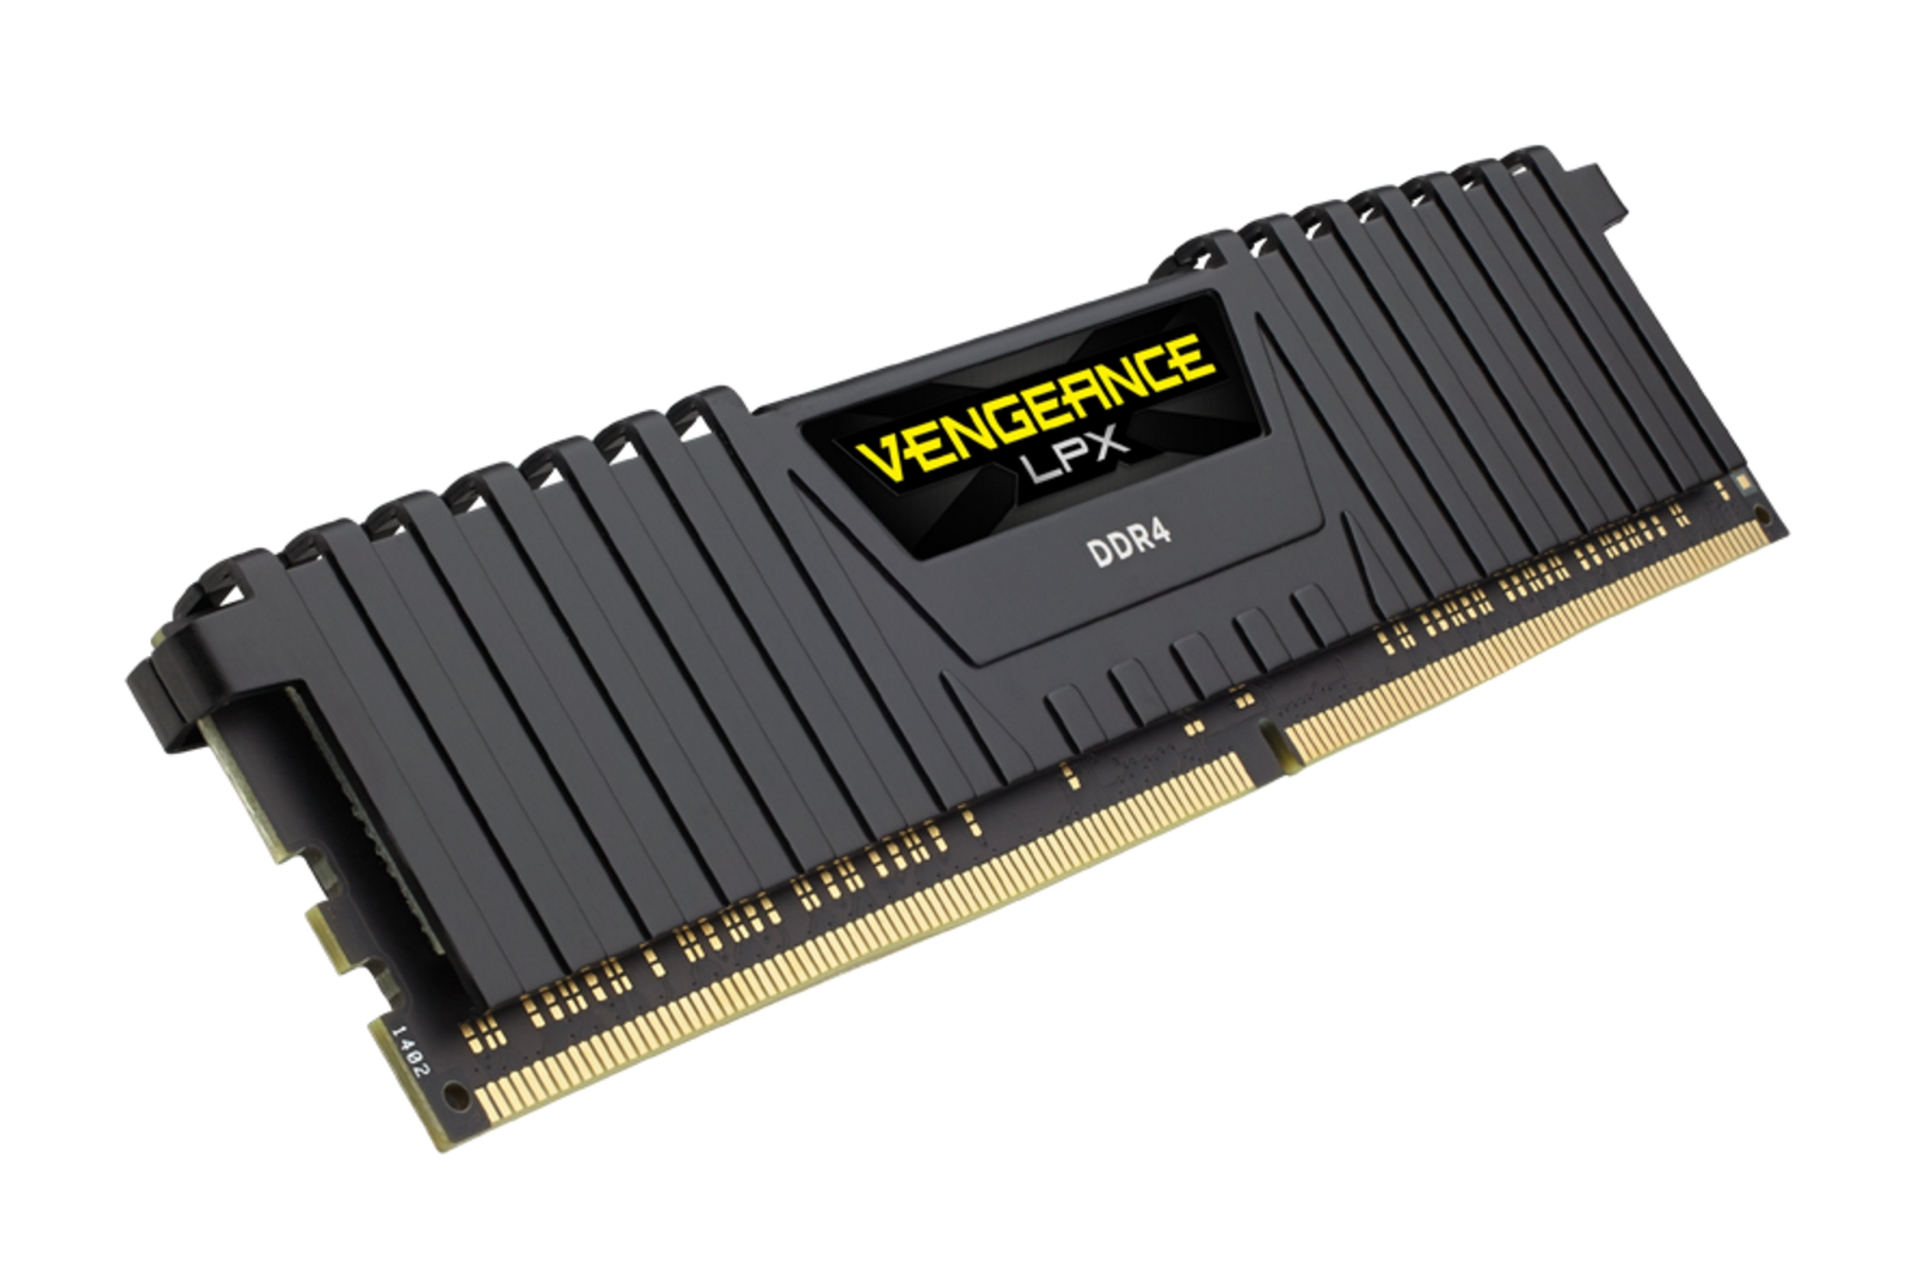 Vengeance LPX Black 16GB với bộ tản nhiệt tối ưu